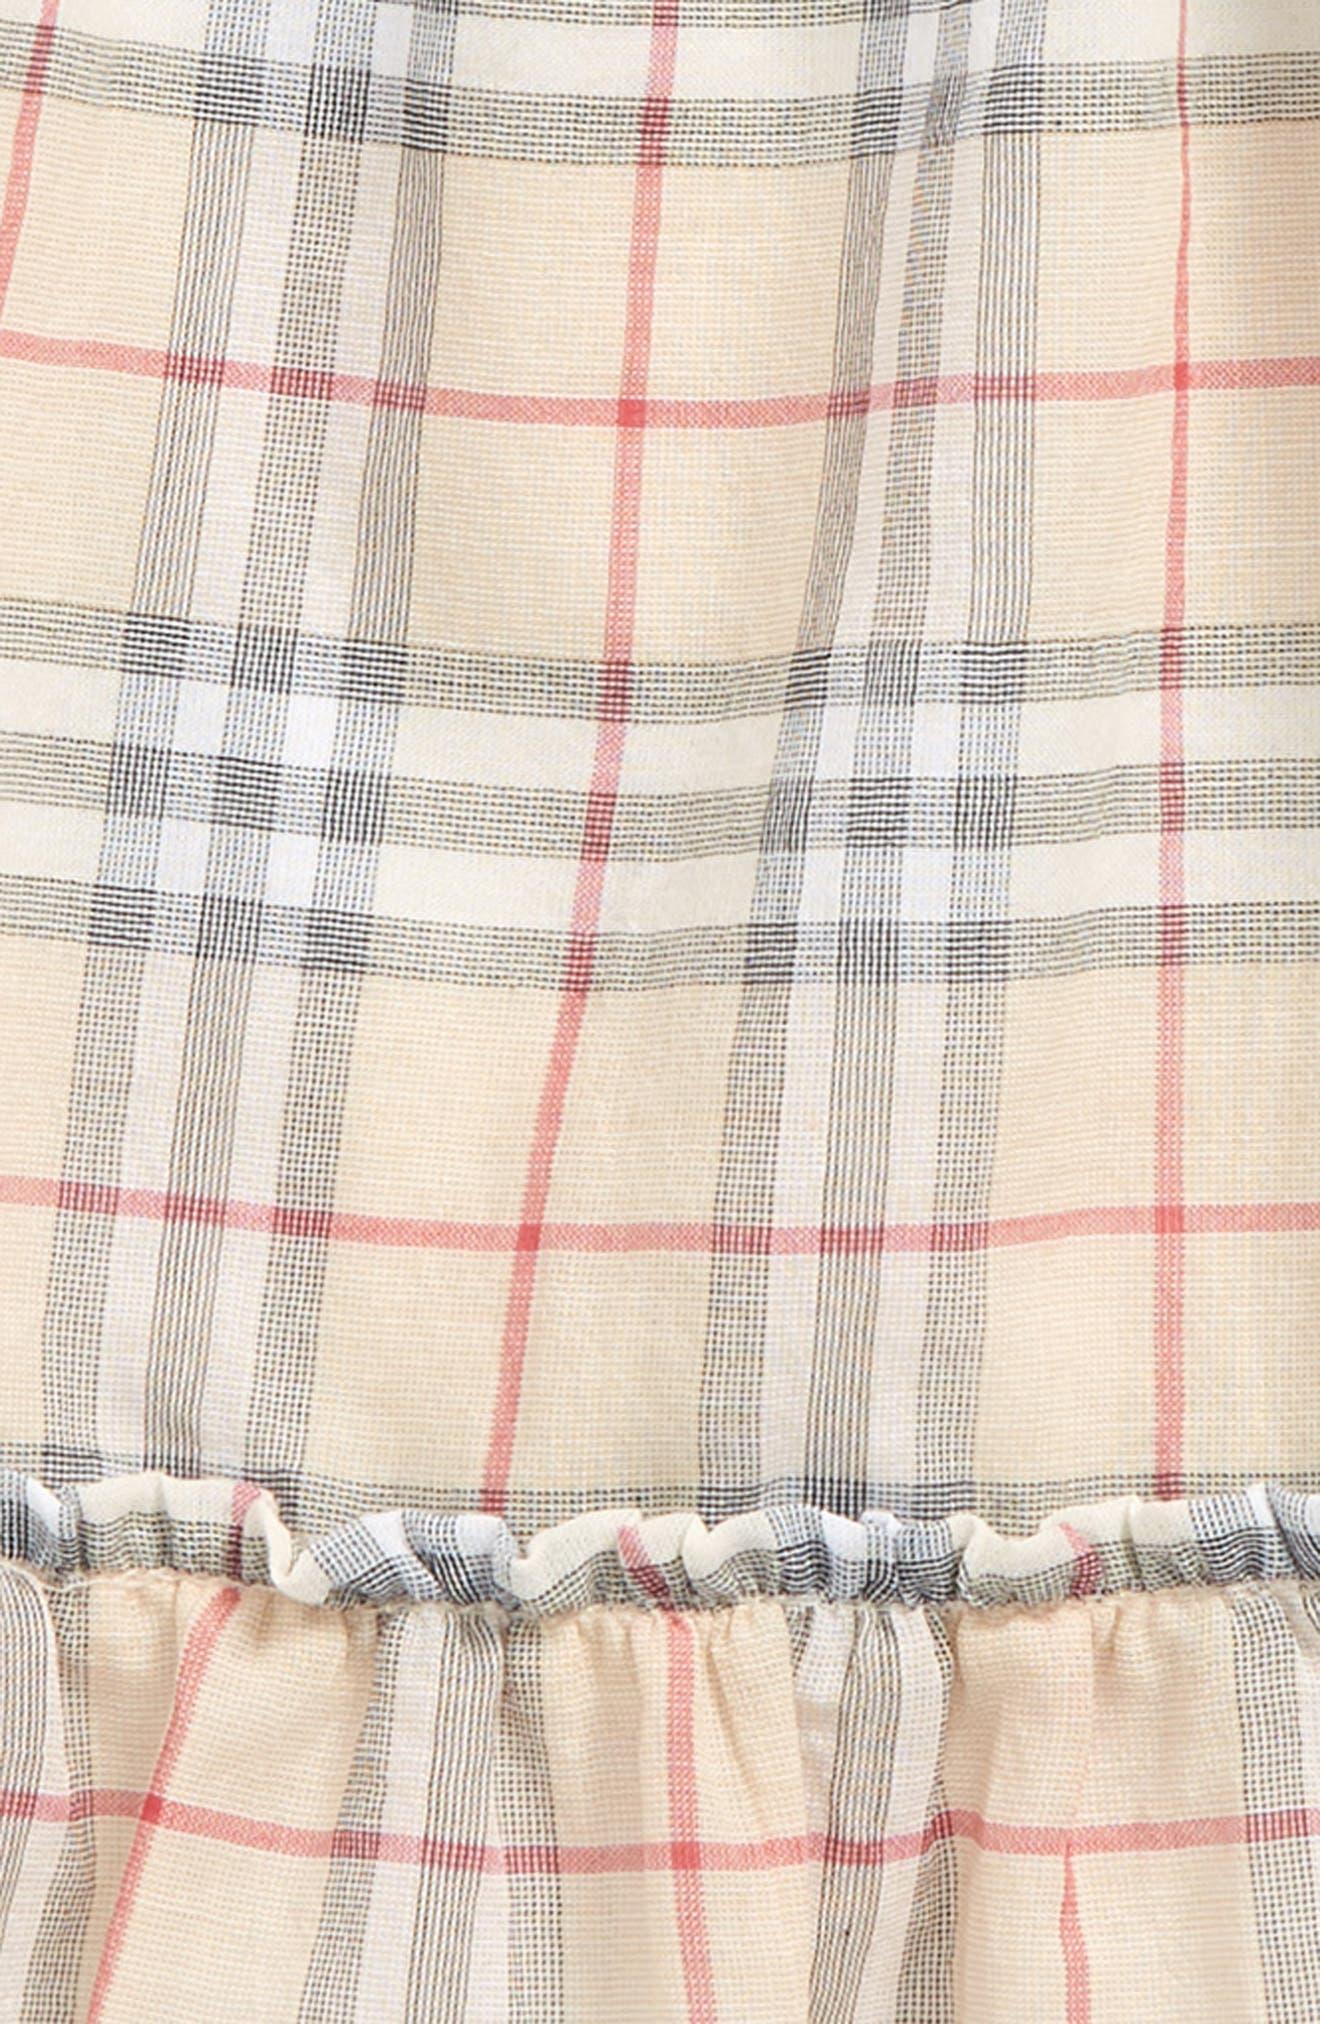 Tania Check Dress,                             Alternate thumbnail 2, color,                             275